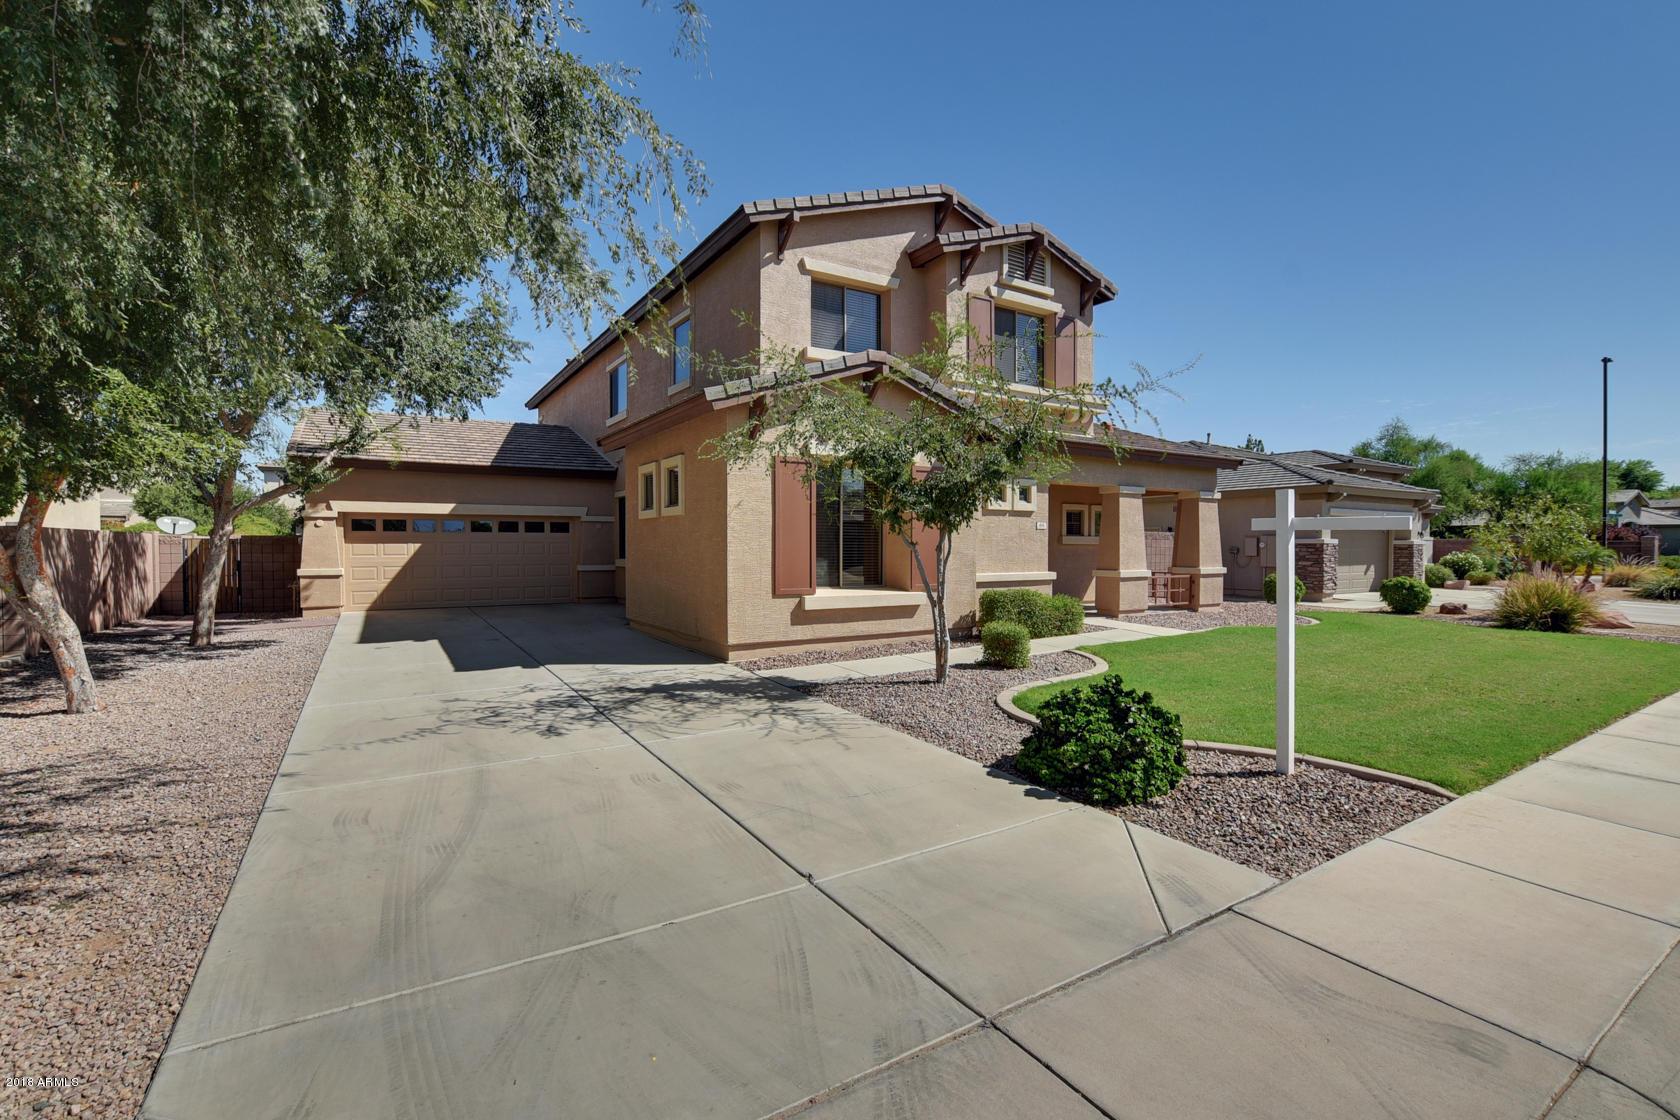 MLS 5816363 466 E BENRICH Drive, Gilbert, AZ 85295 Gilbert AZ Vintage Ranch